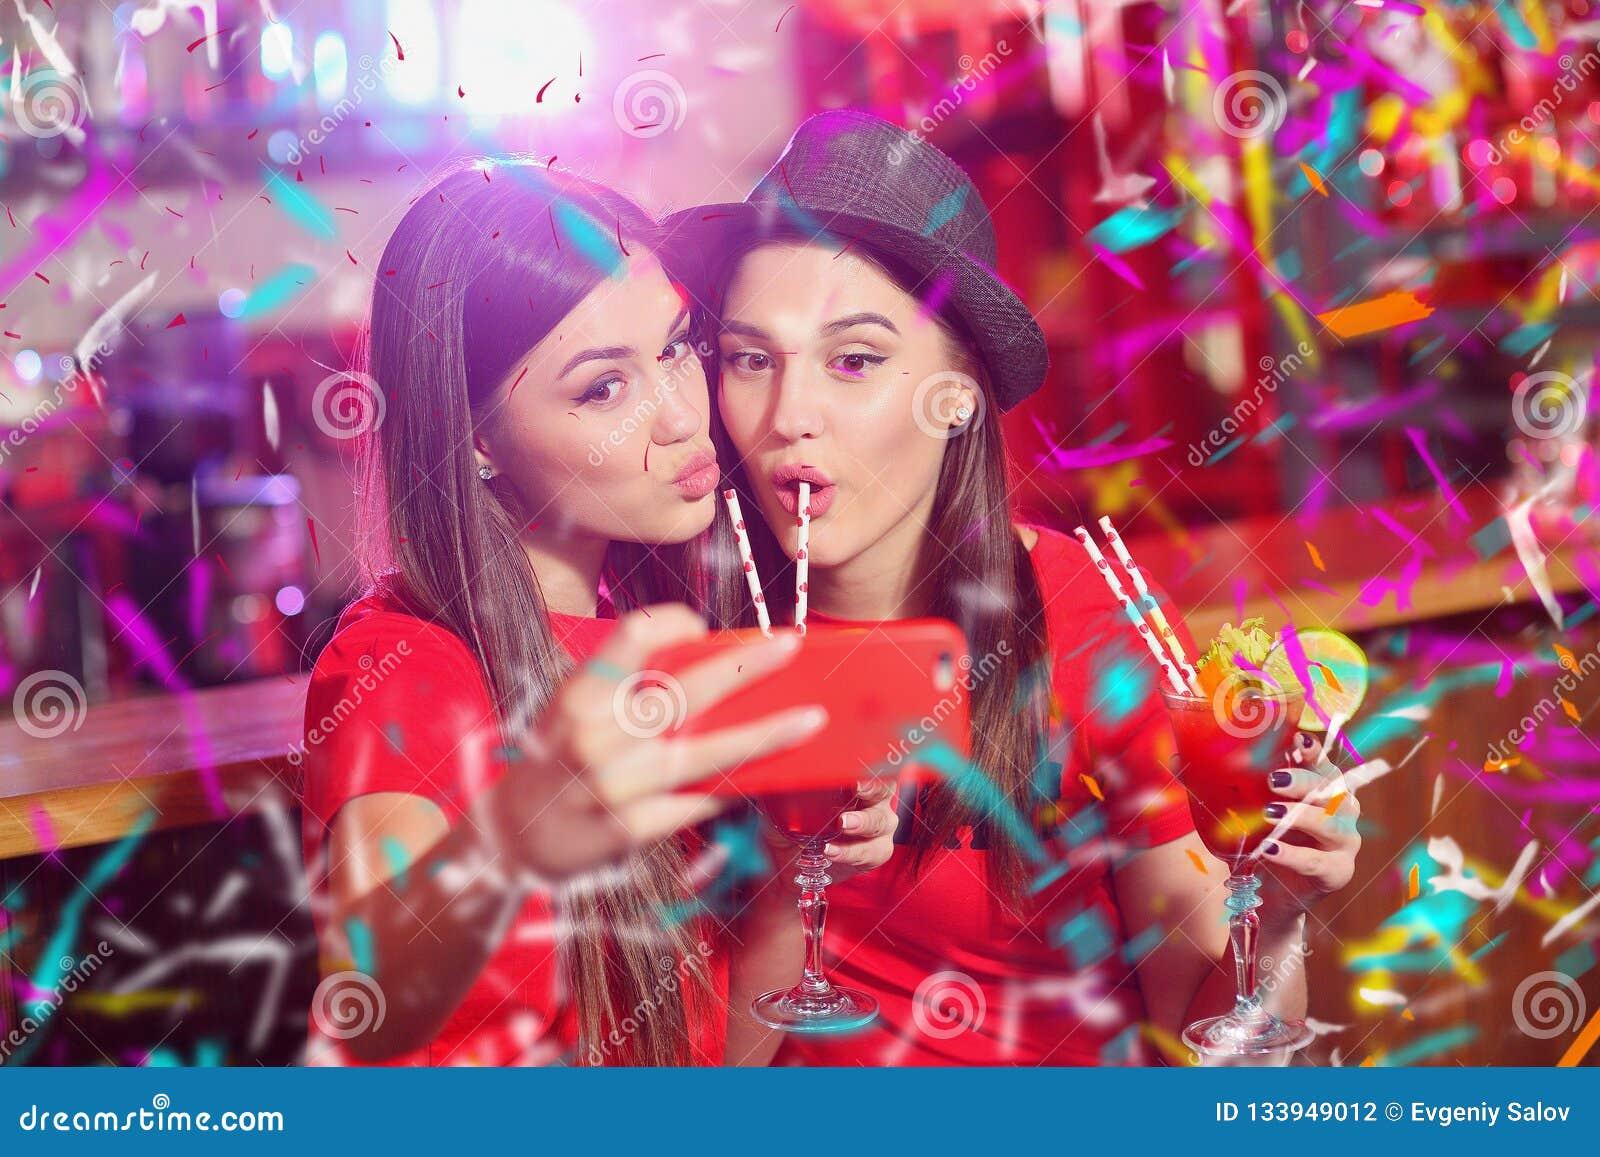 Milf Teen Strip Lesbians